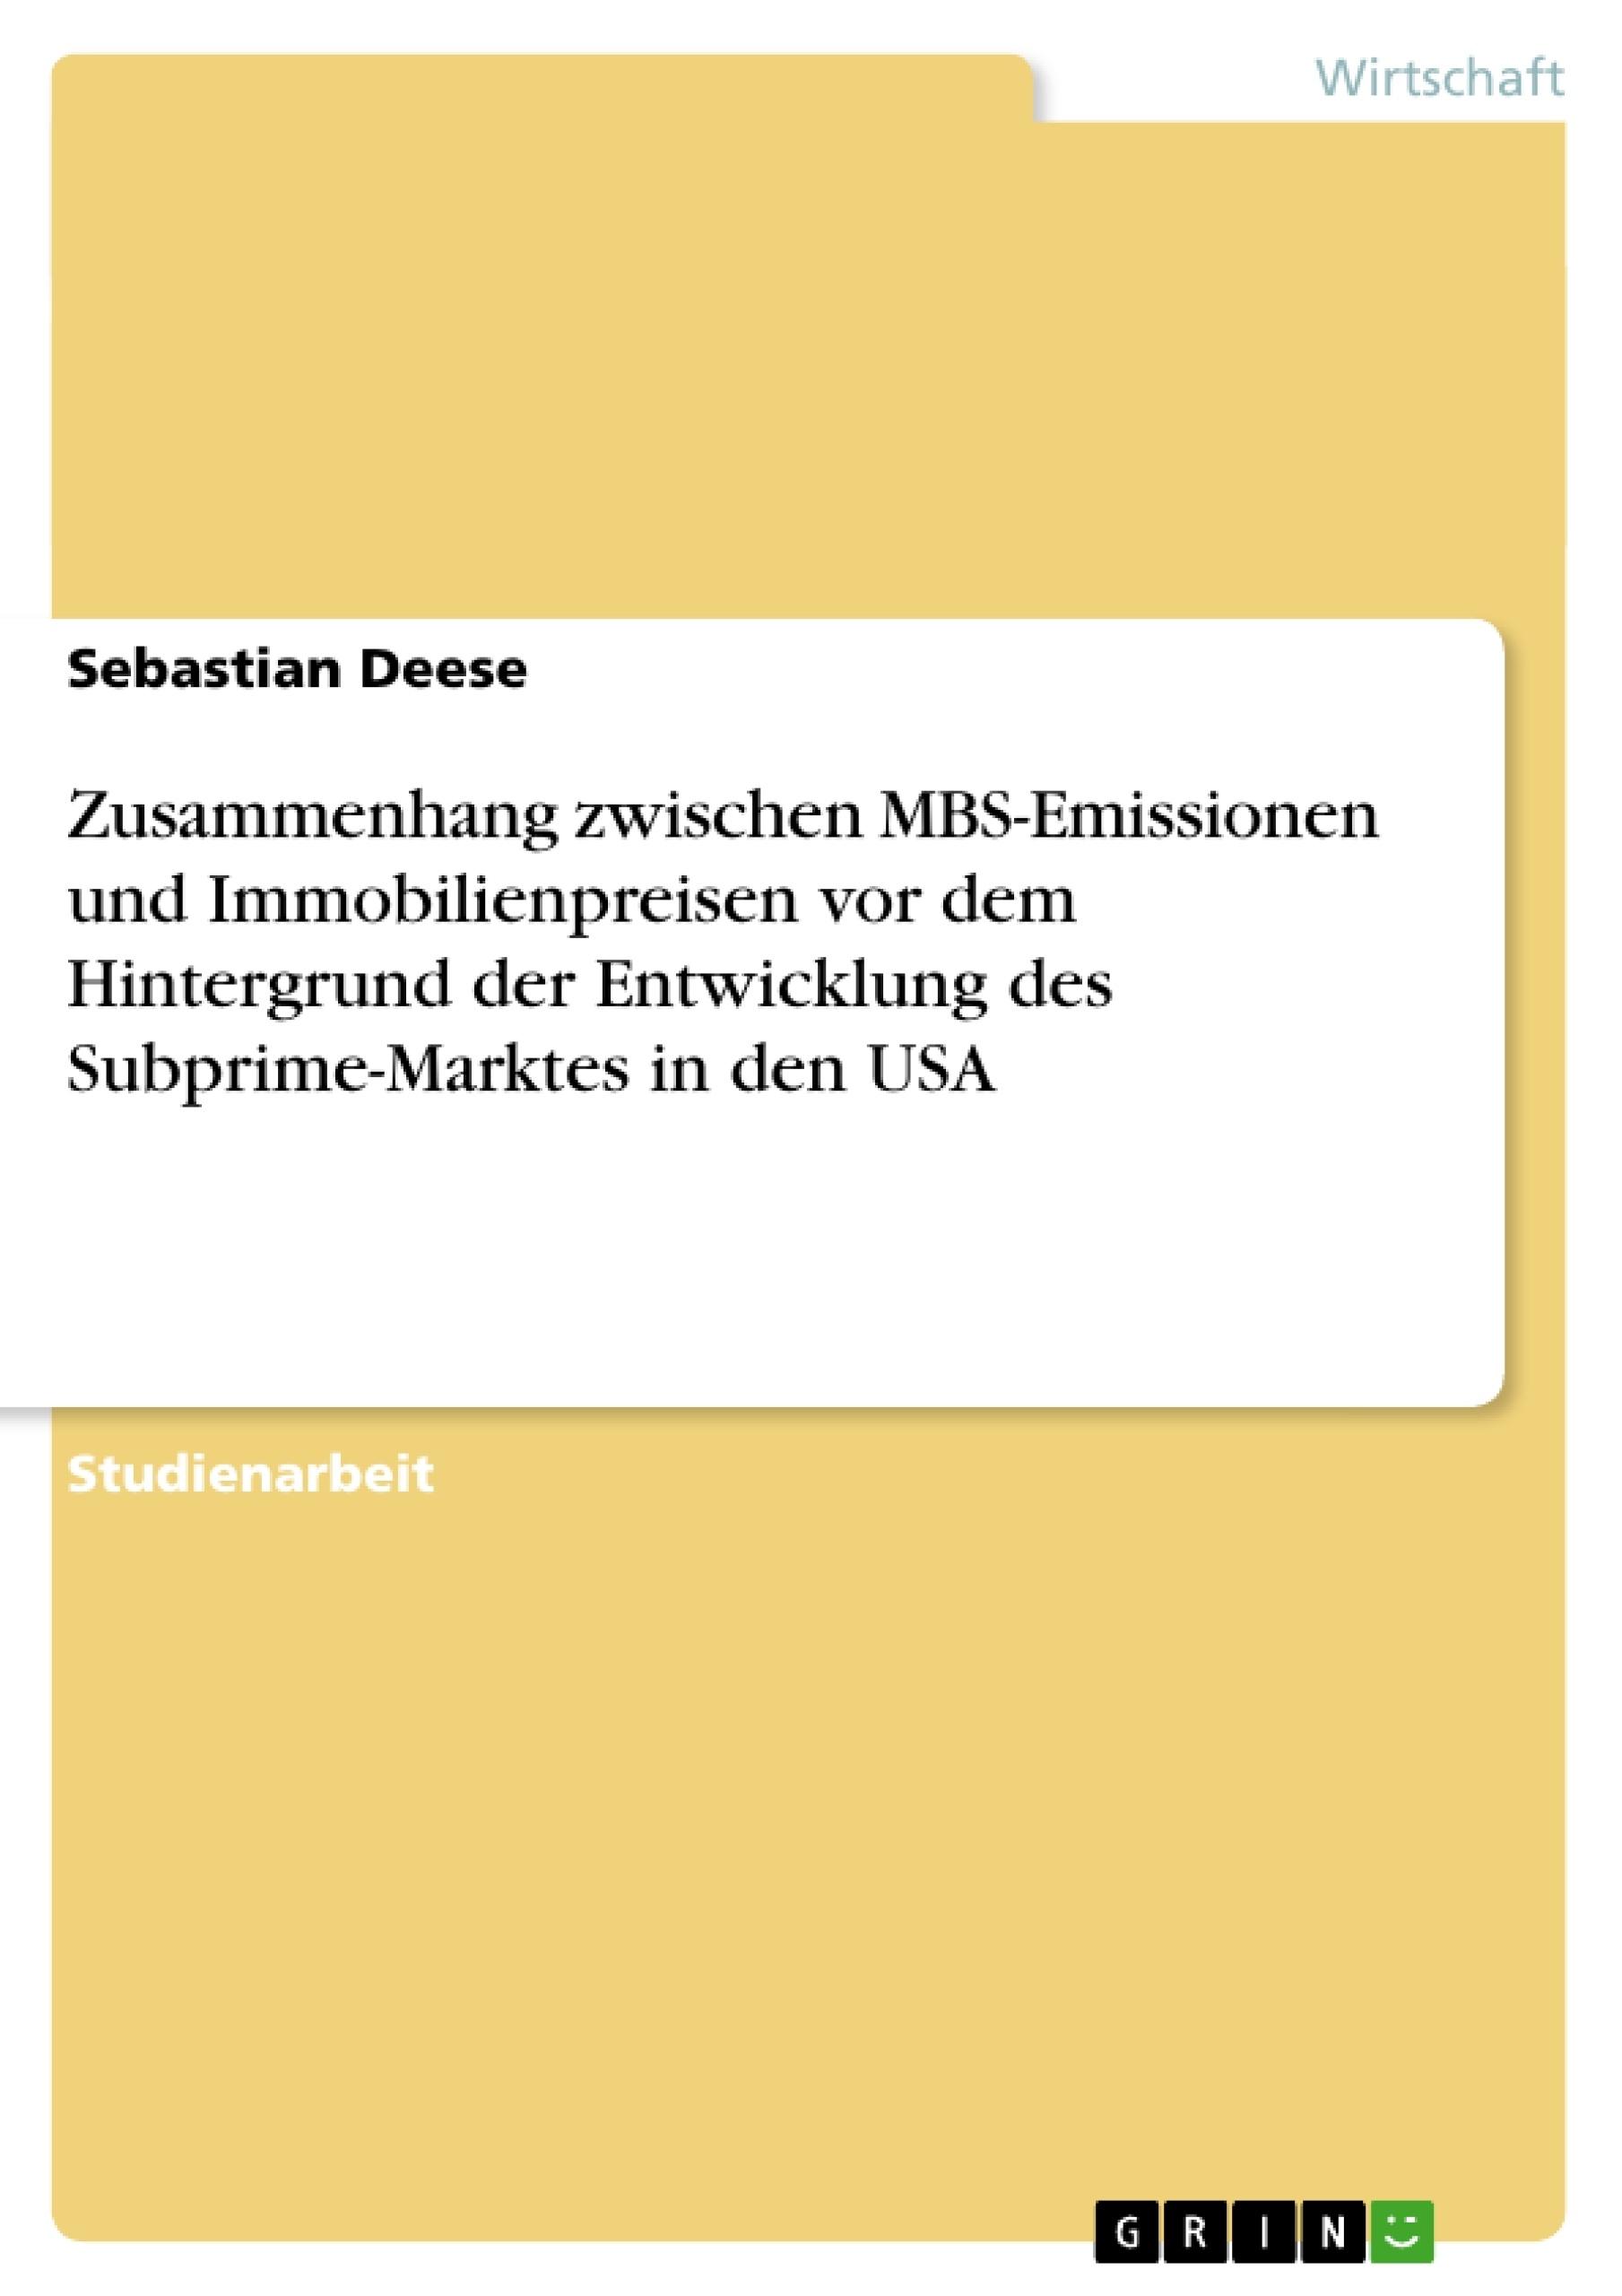 Titel: Zusammenhang zwischen MBS-Emissionen und Immobilienpreisen vor dem Hintergrund der Entwicklung des Subprime-Marktes in den USA